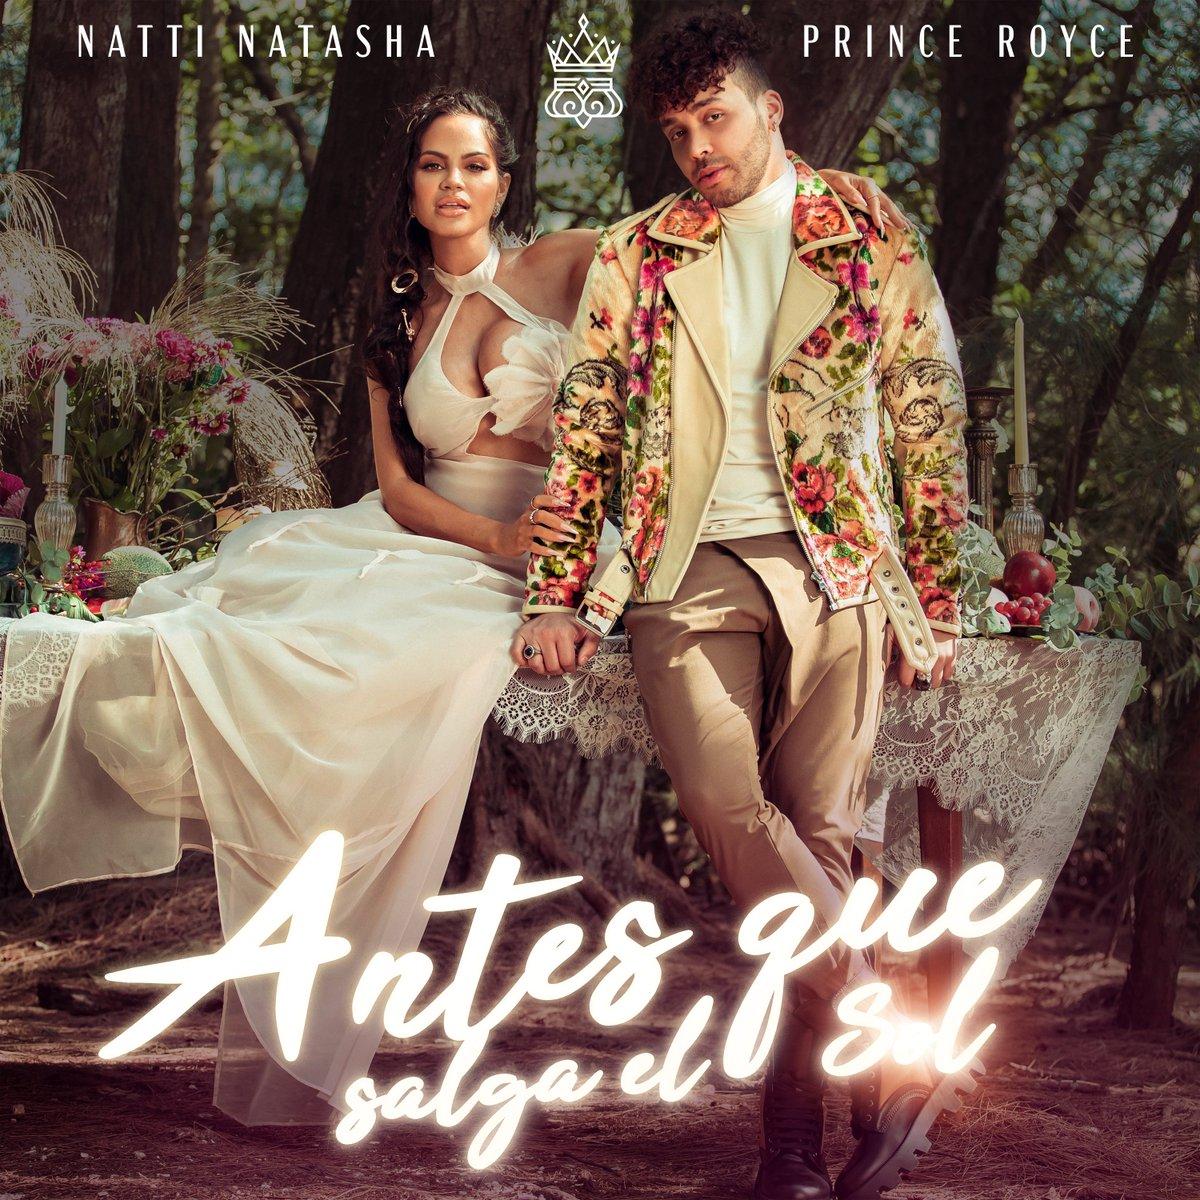 ¡Sorpresa! @NattiNatasha  revela la portada y su nueva colaboración junto a @PrinceRoyce para #AntesQueSalgaElSol su nuevo sencillo. Ya puedes hacer presave aquí para ser de los primeros en escucharlo: